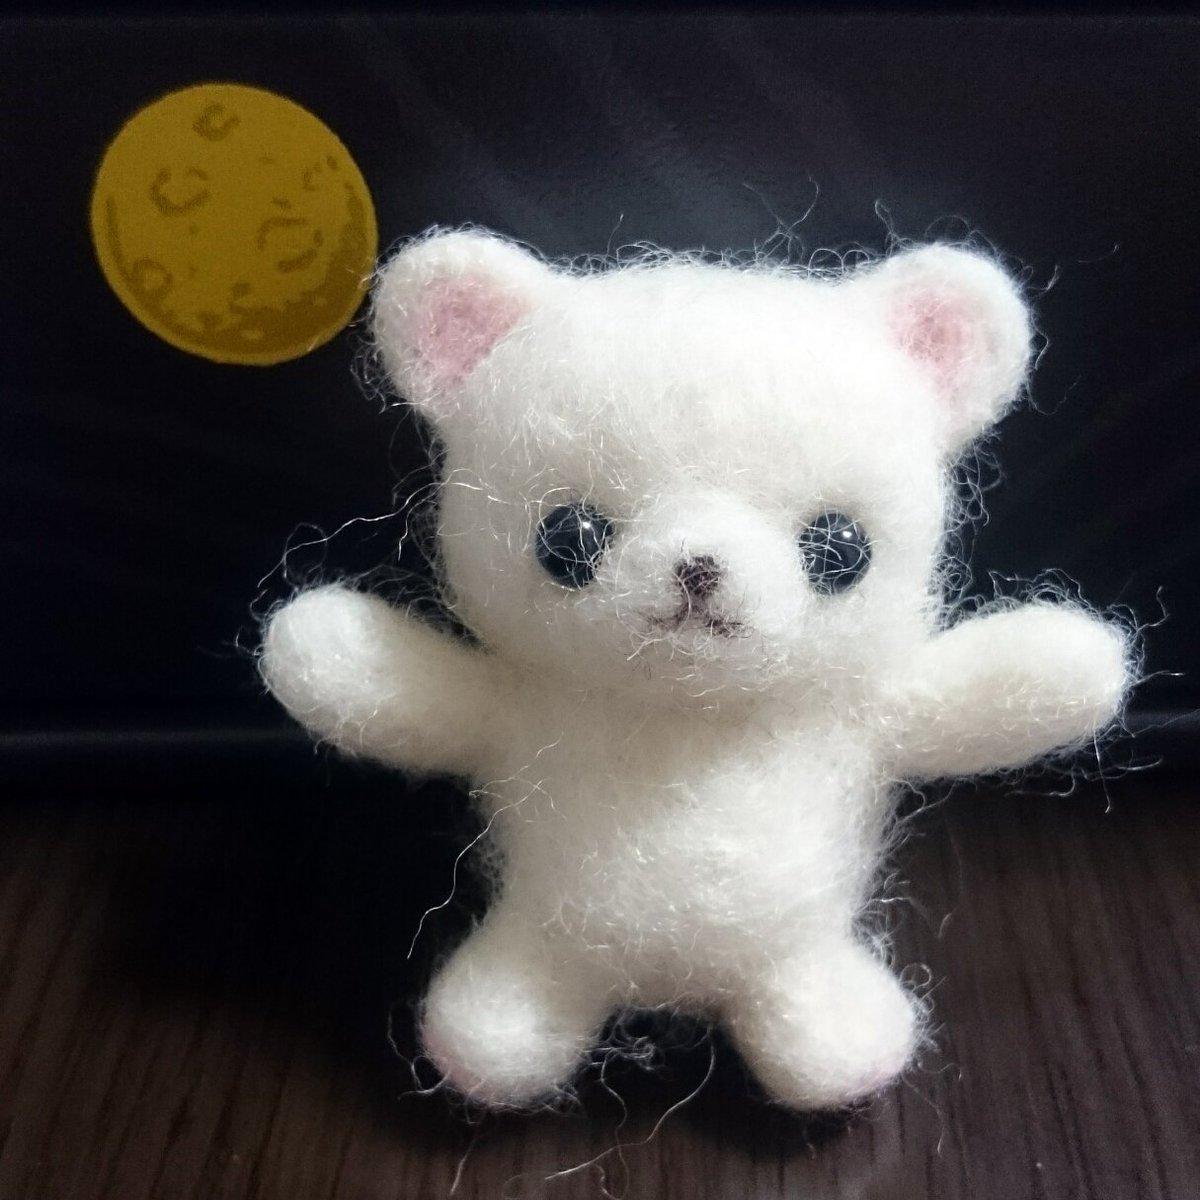 test ツイッターメディア - 出来ました(^^) DAISOさんの羊毛フェルトキット「くま」 所要時間2.5時間~とかいてありましたが、4.5時間かかってしまいました。見本より顔が小さくなってしまったのが心残り。あとなんかぼさぼさw #羊毛フェルト #DAISO https://t.co/0nRNwAAyxL